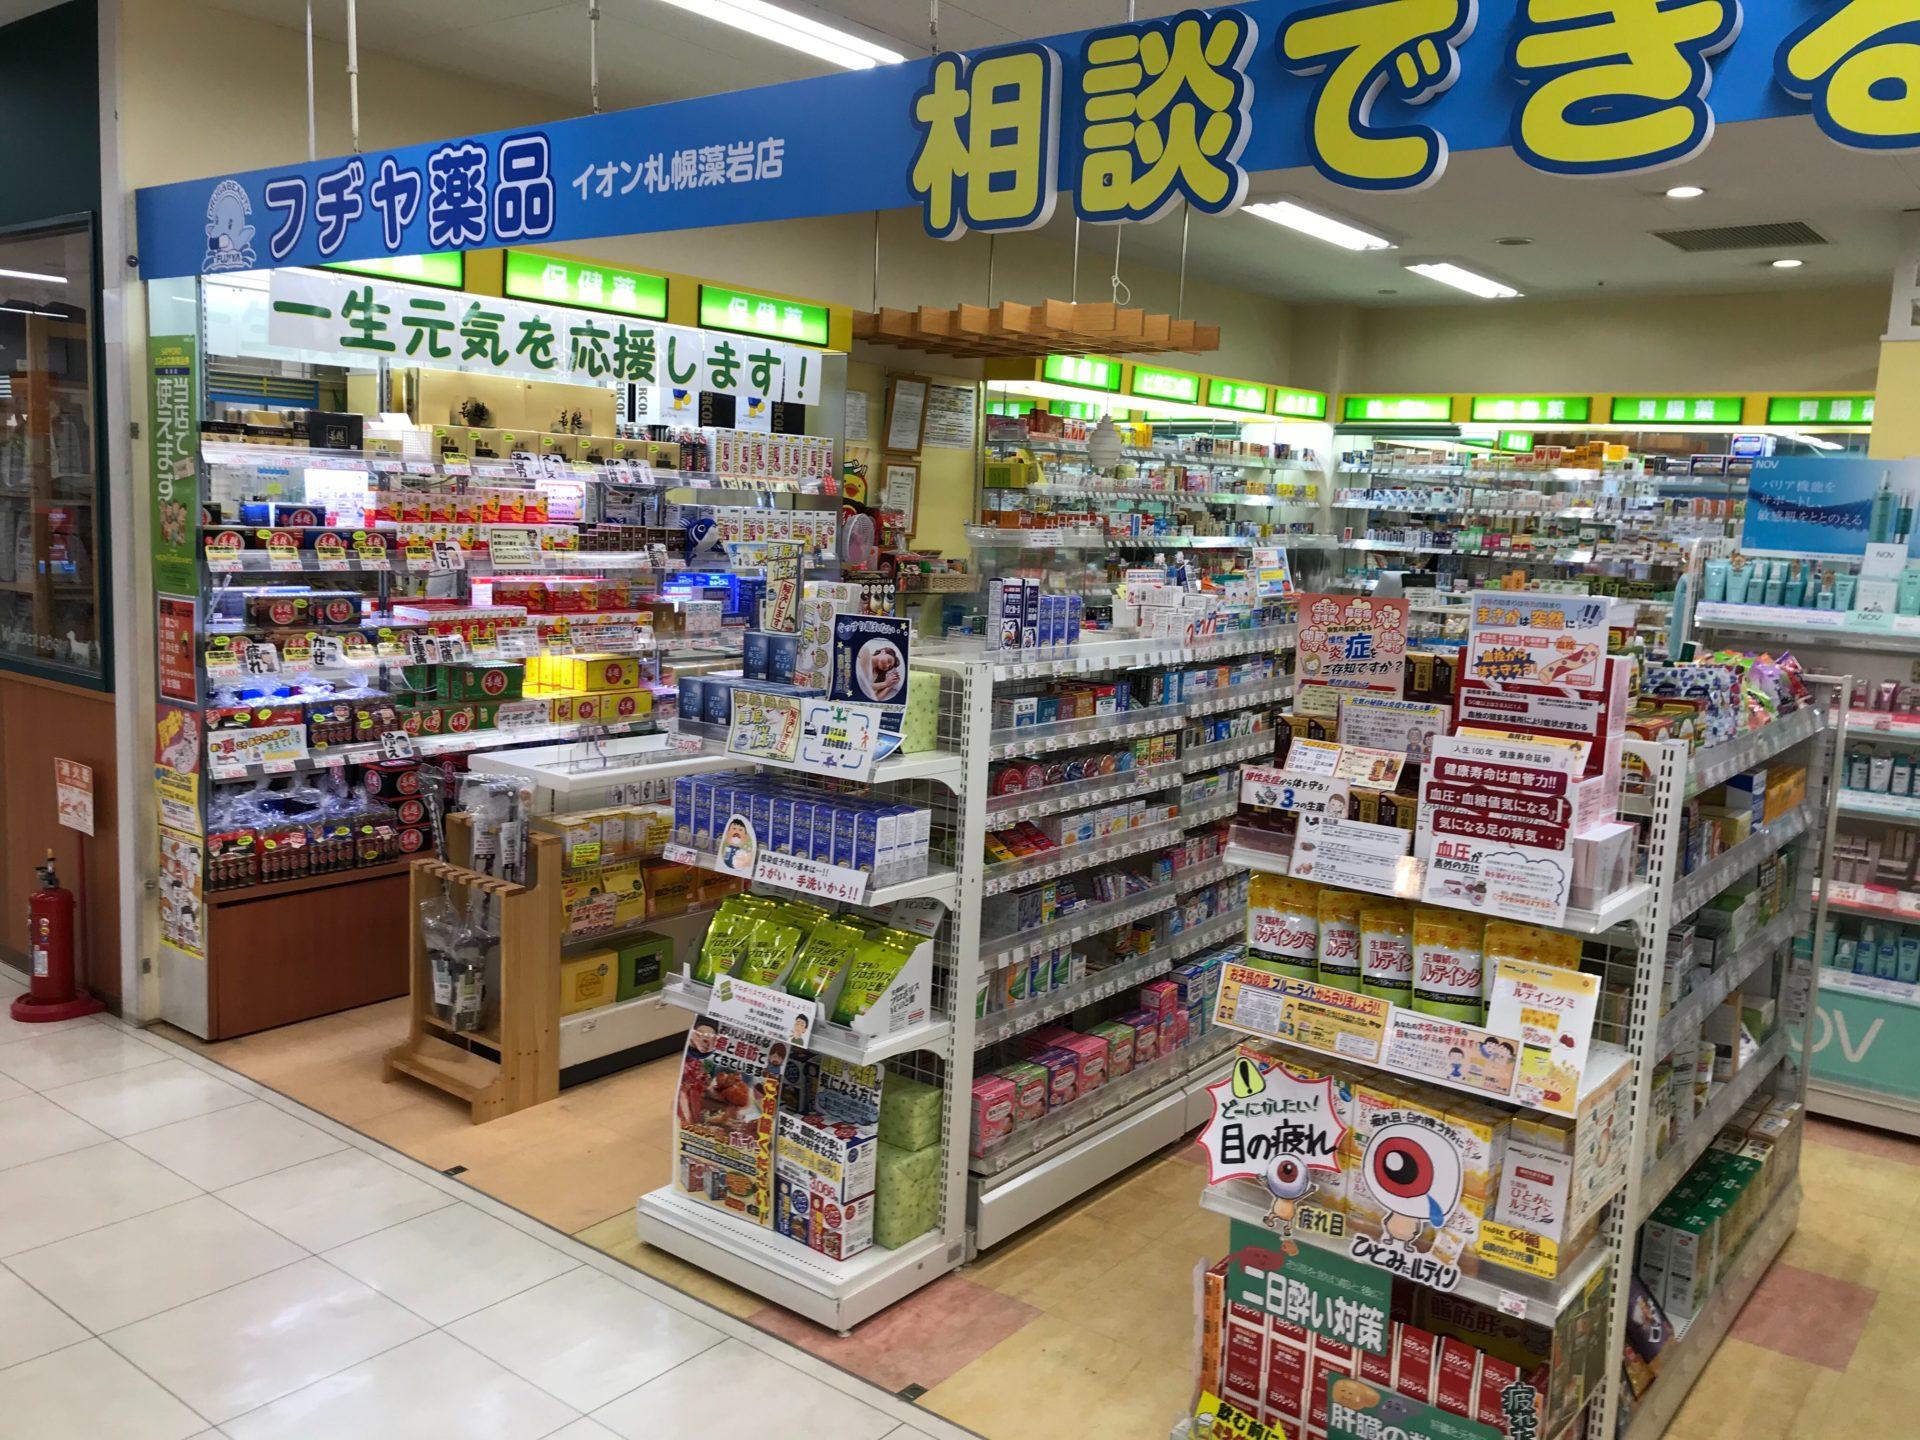 フヂヤ薬品イオン札幌藻岩店